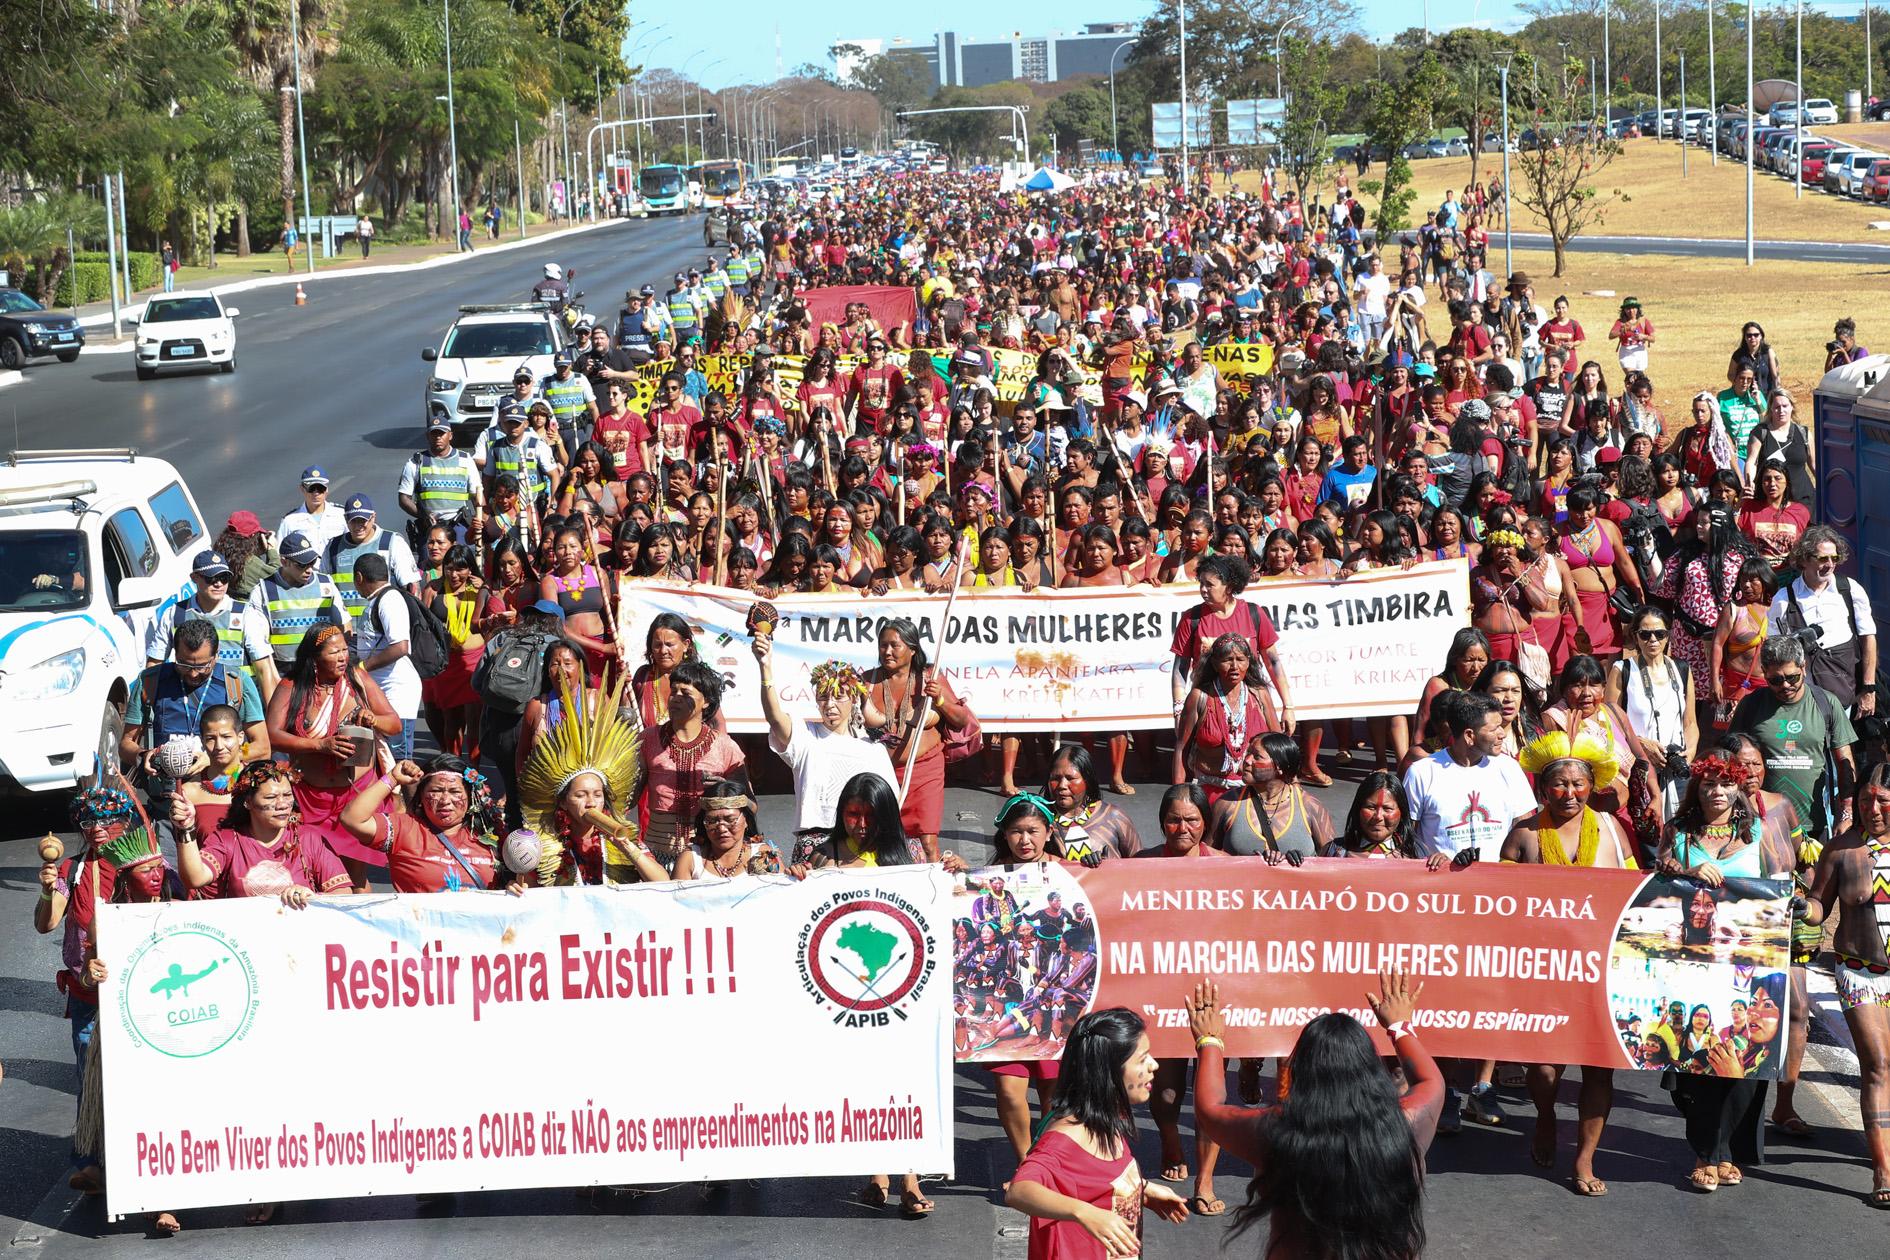 Brasilien: Indigene Frauen demonstrieren für ihre Rechte und gegen Politik  Bolsonaros | amerika21